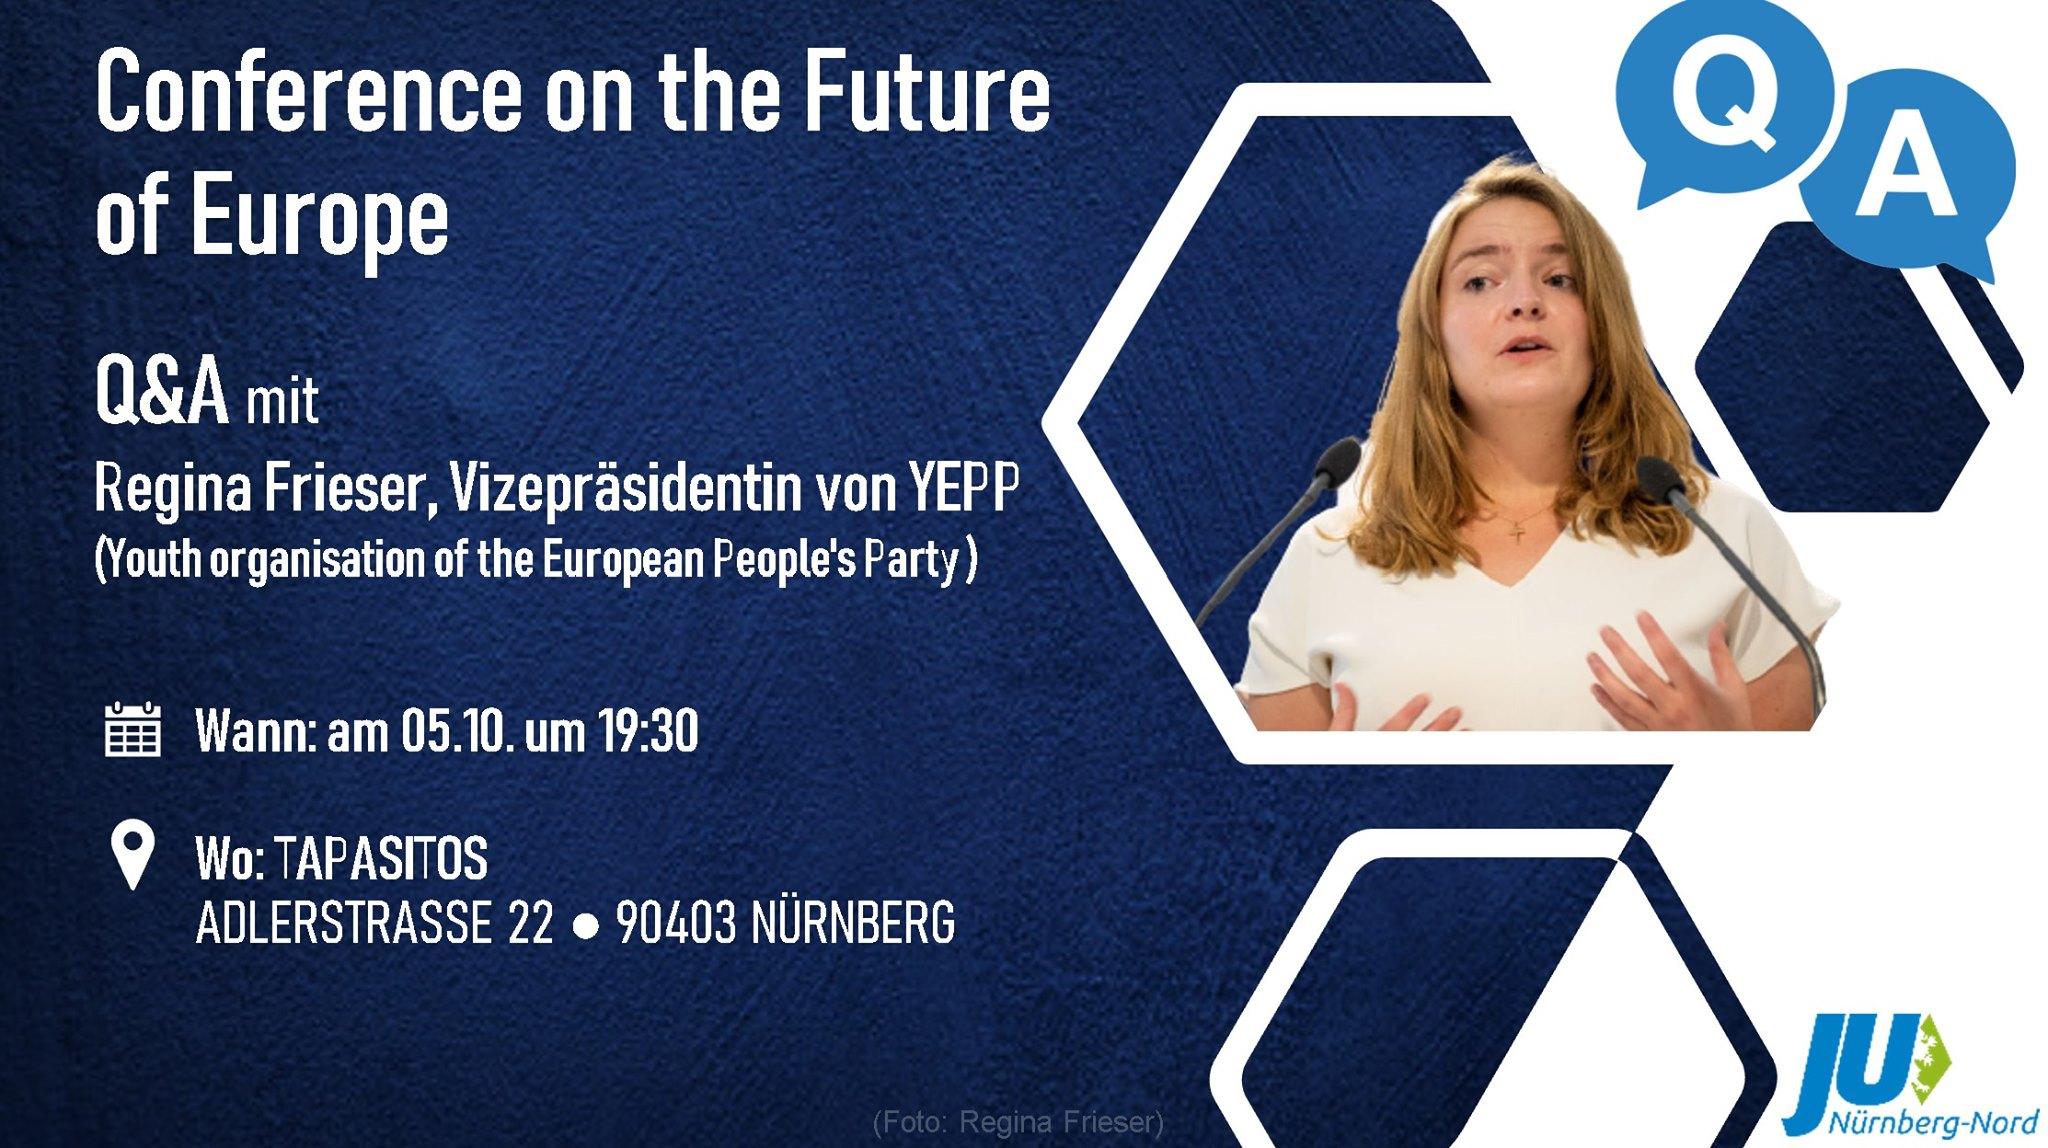 Bild zur Veranstaltung Conference on the Future of Europe - Q&A mit Regina Frieser, Vizepräsidentin von YEPP